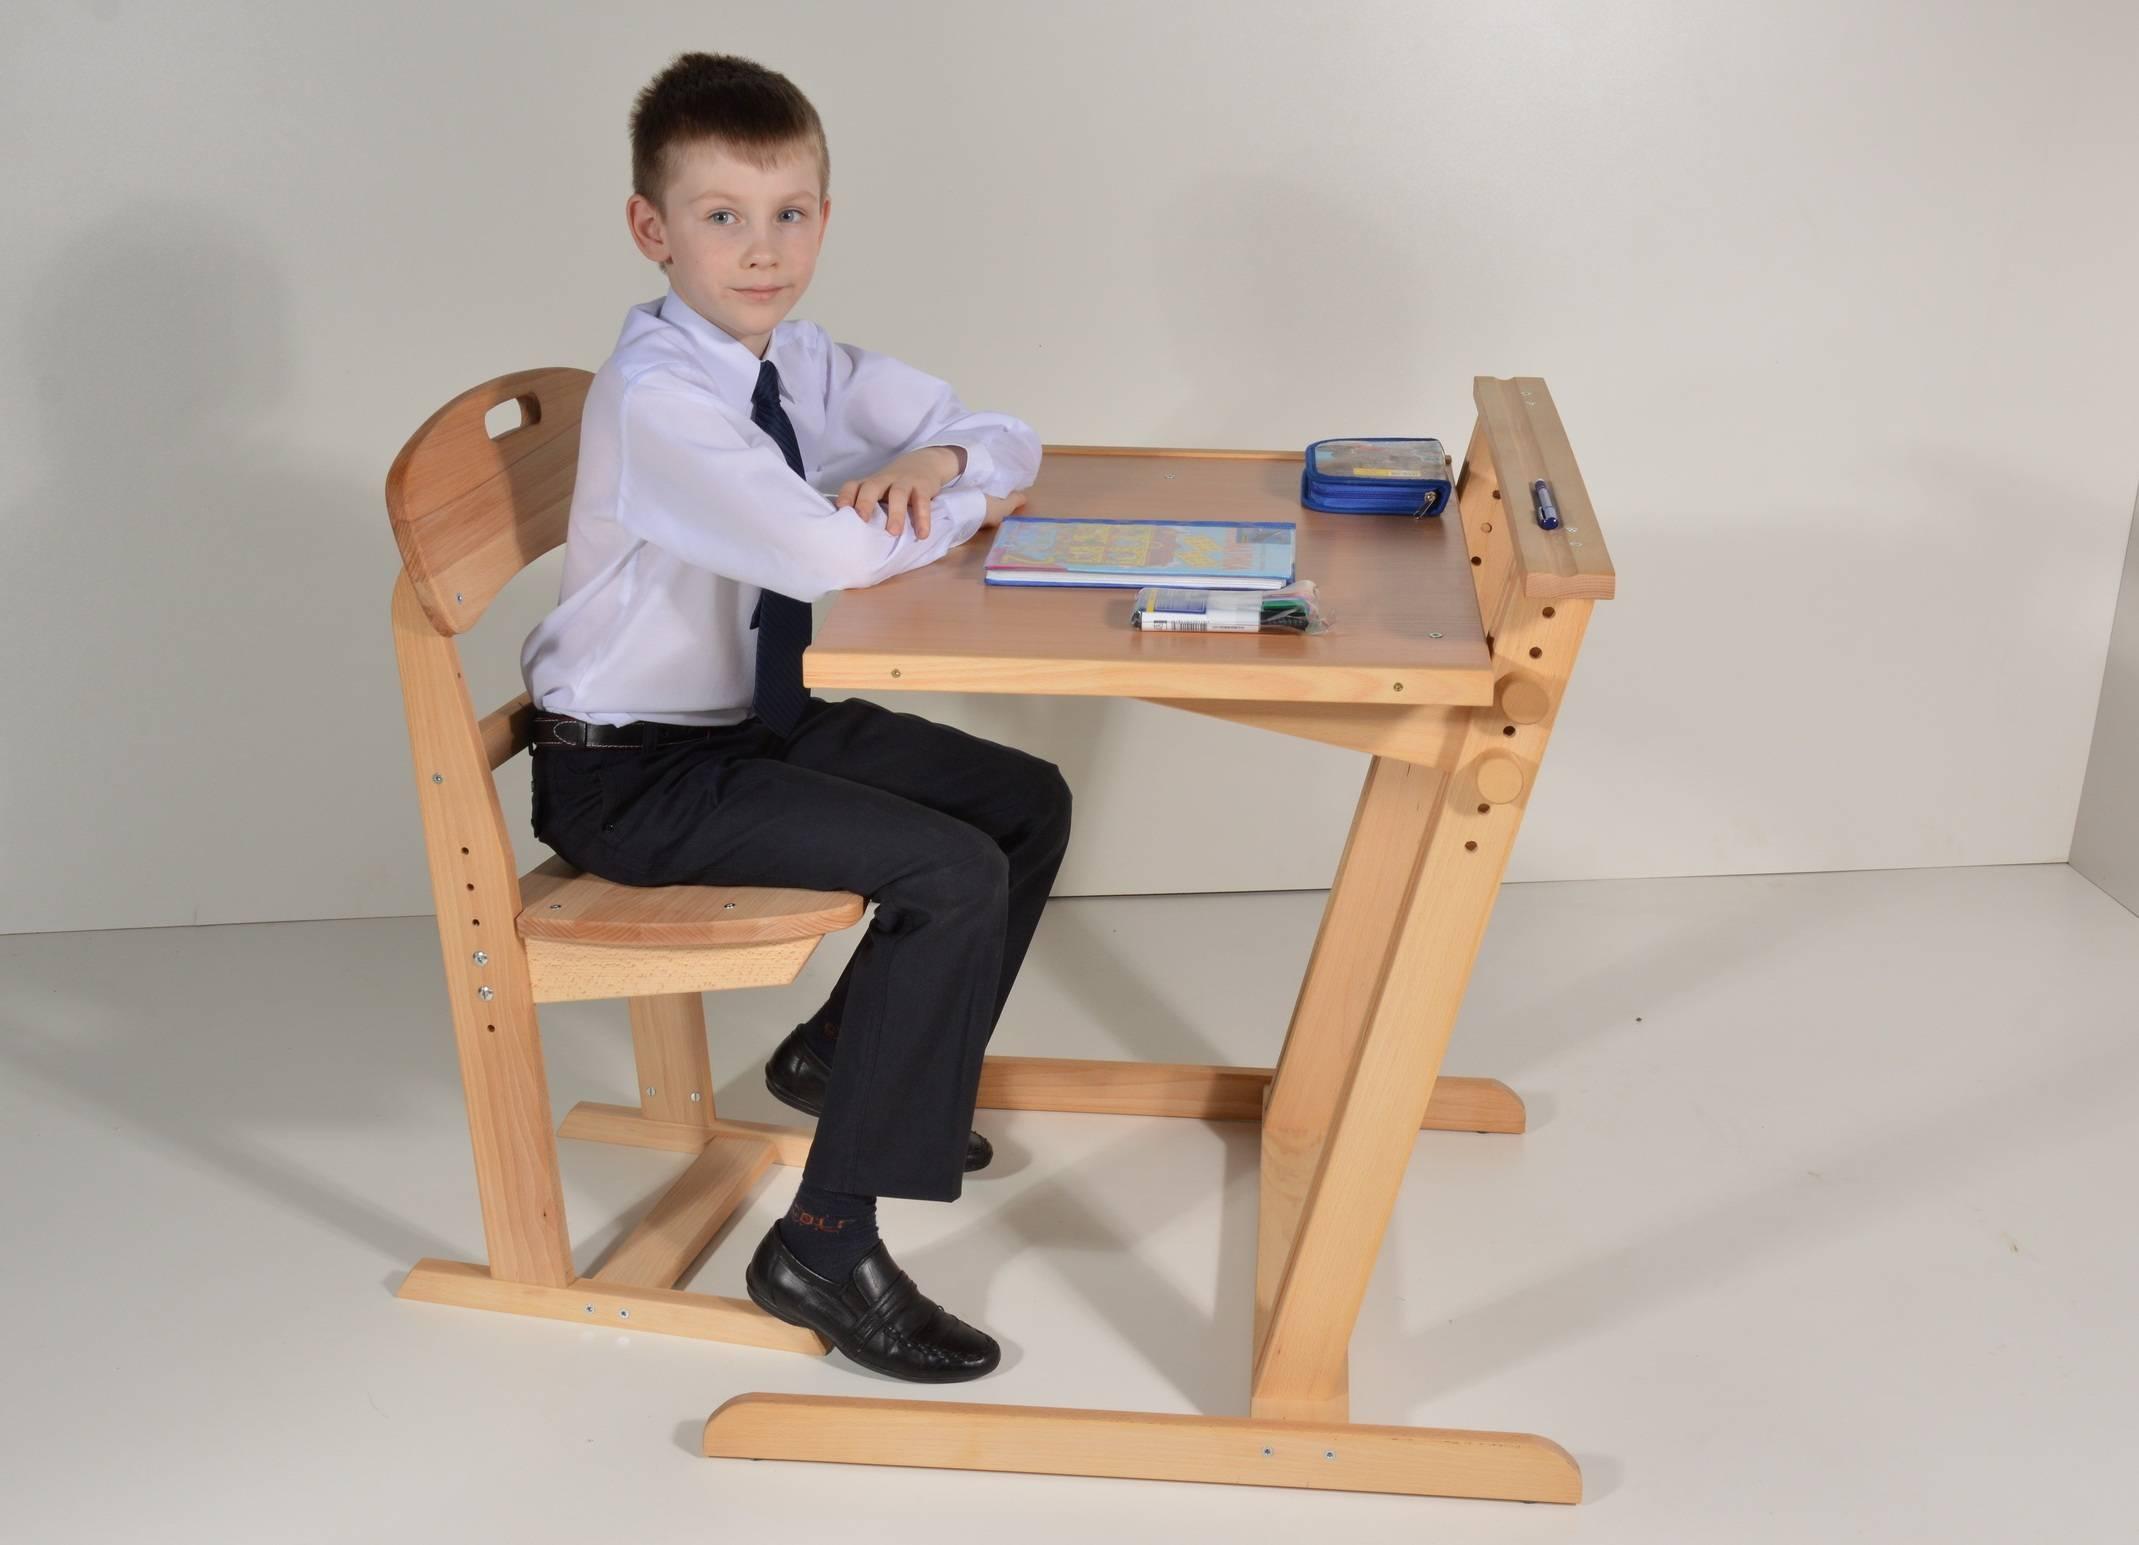 Стул для школьника из ikea: детские школьные растущие конструкции для первоклассника и регулируемые модели по высоте, отзывы